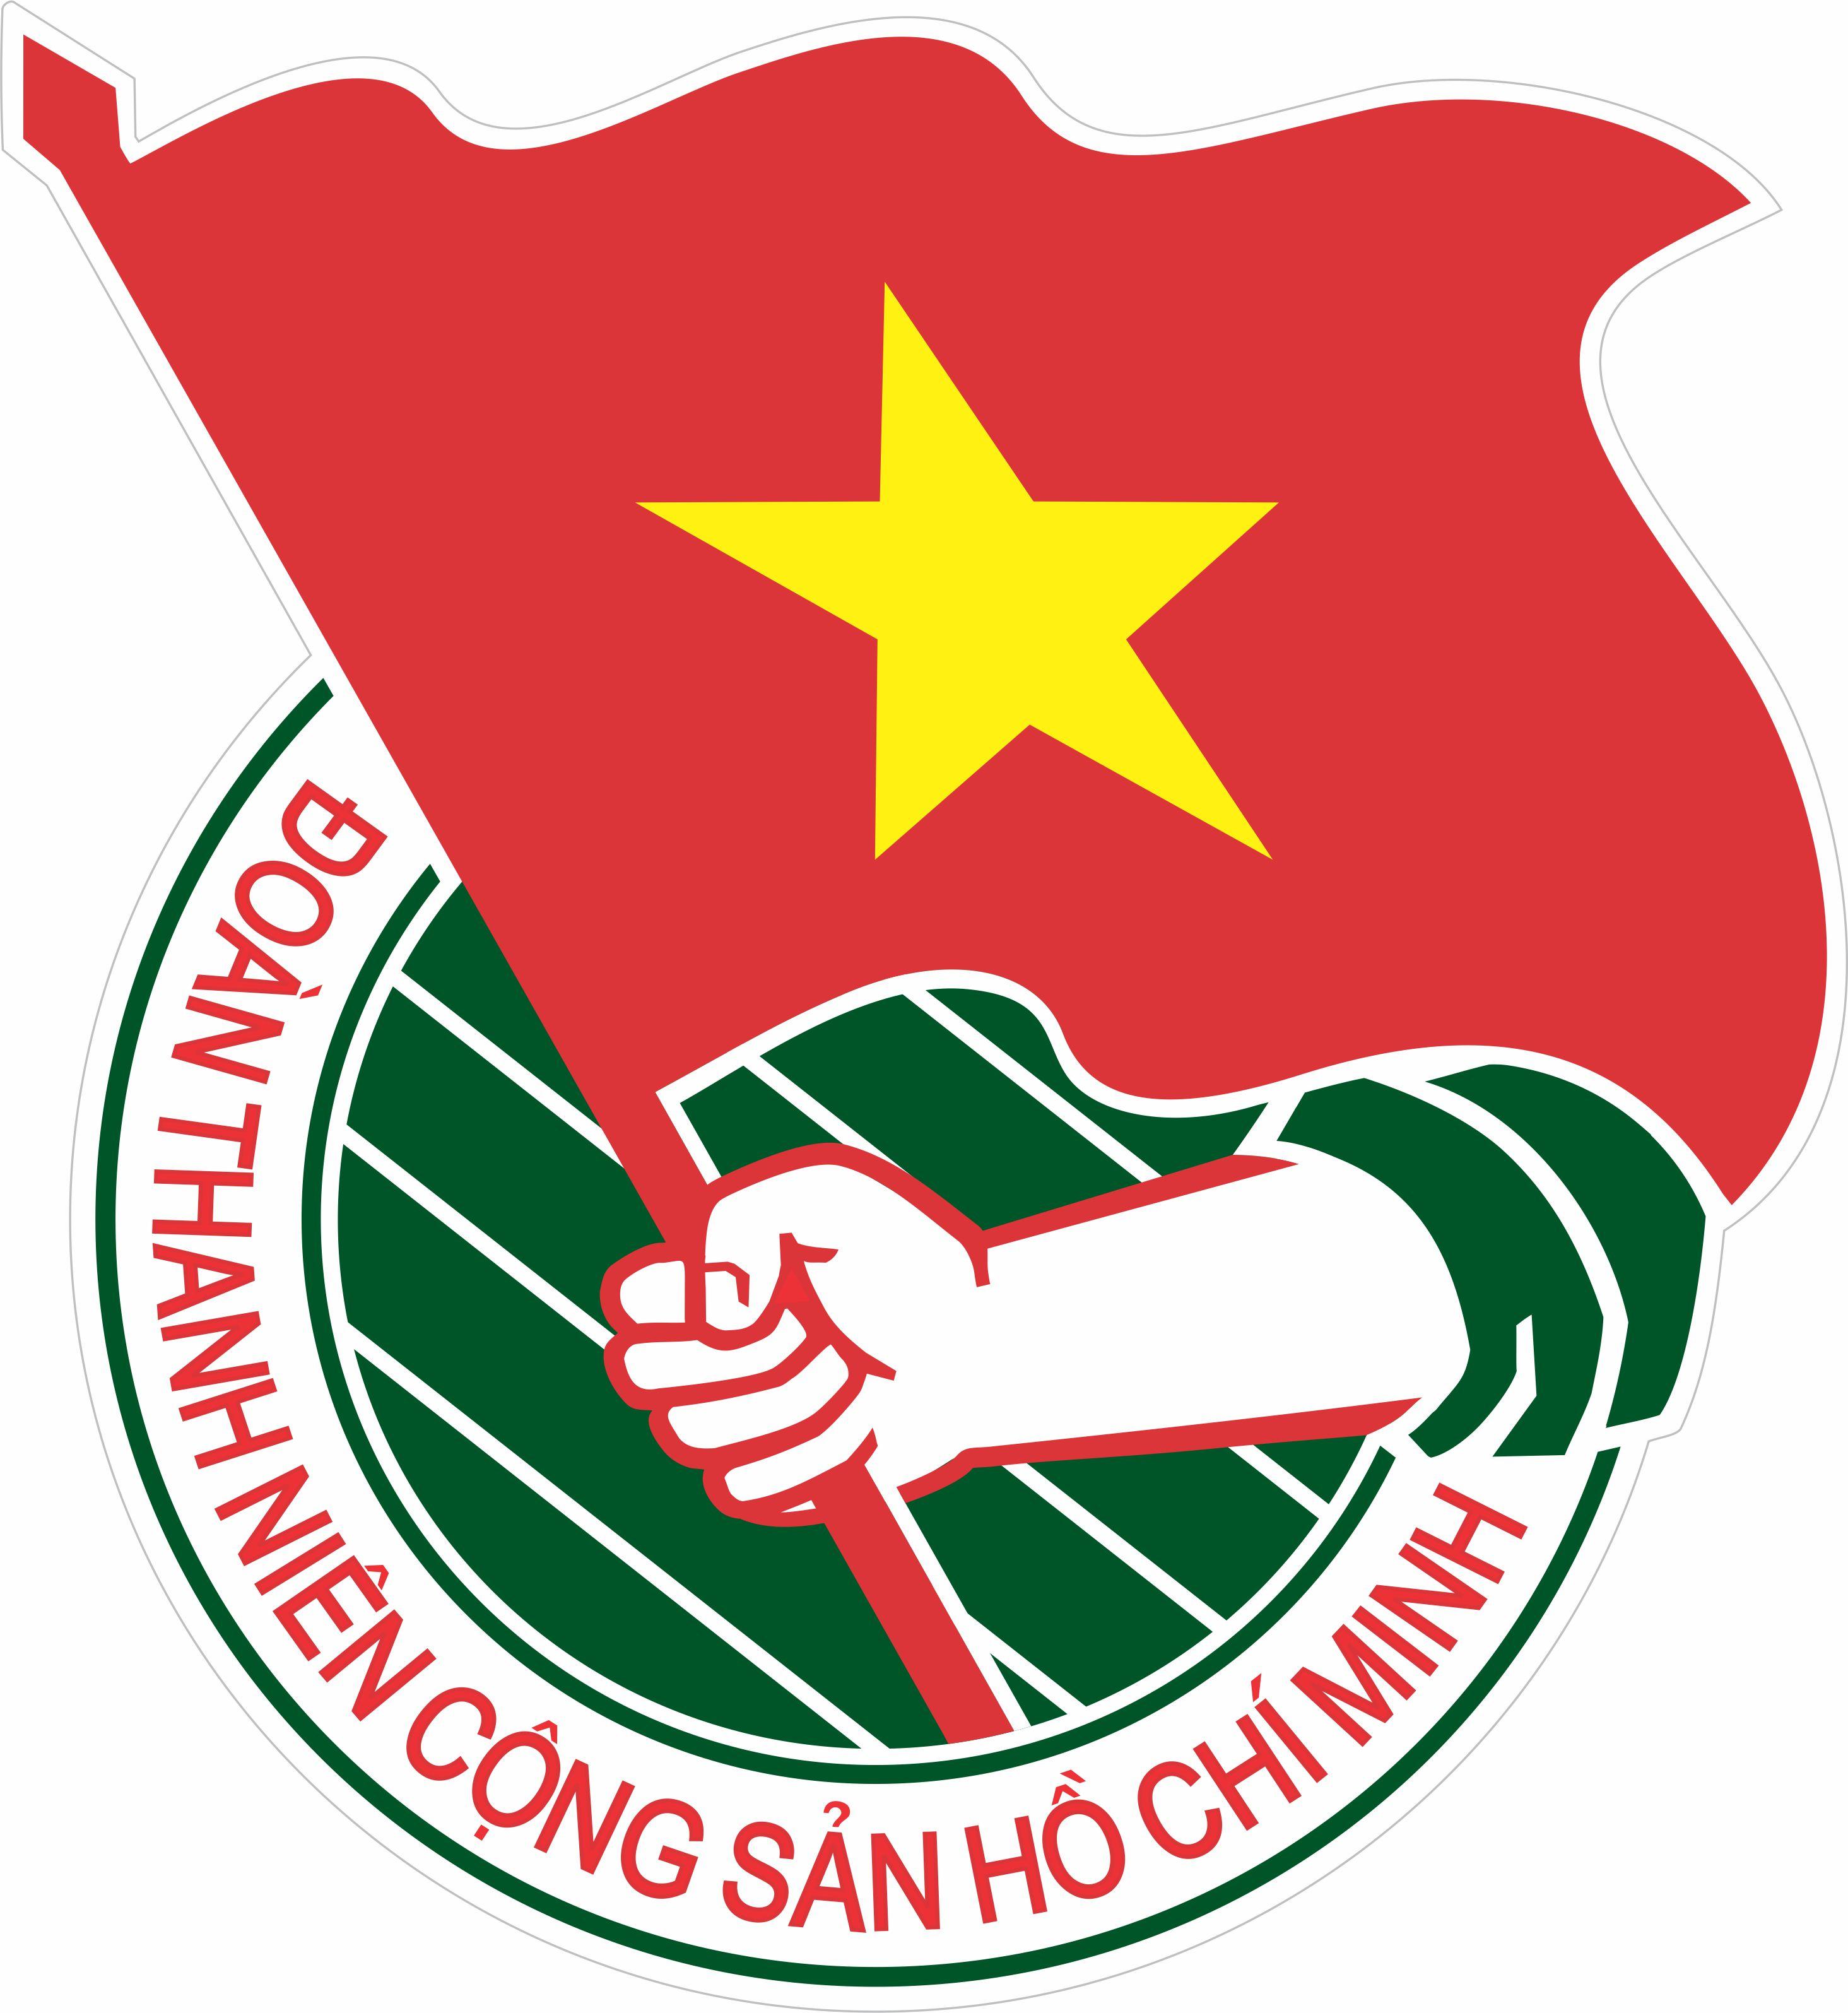 Logo đoàn thanh niên cộng sản Hồ Chí Minh